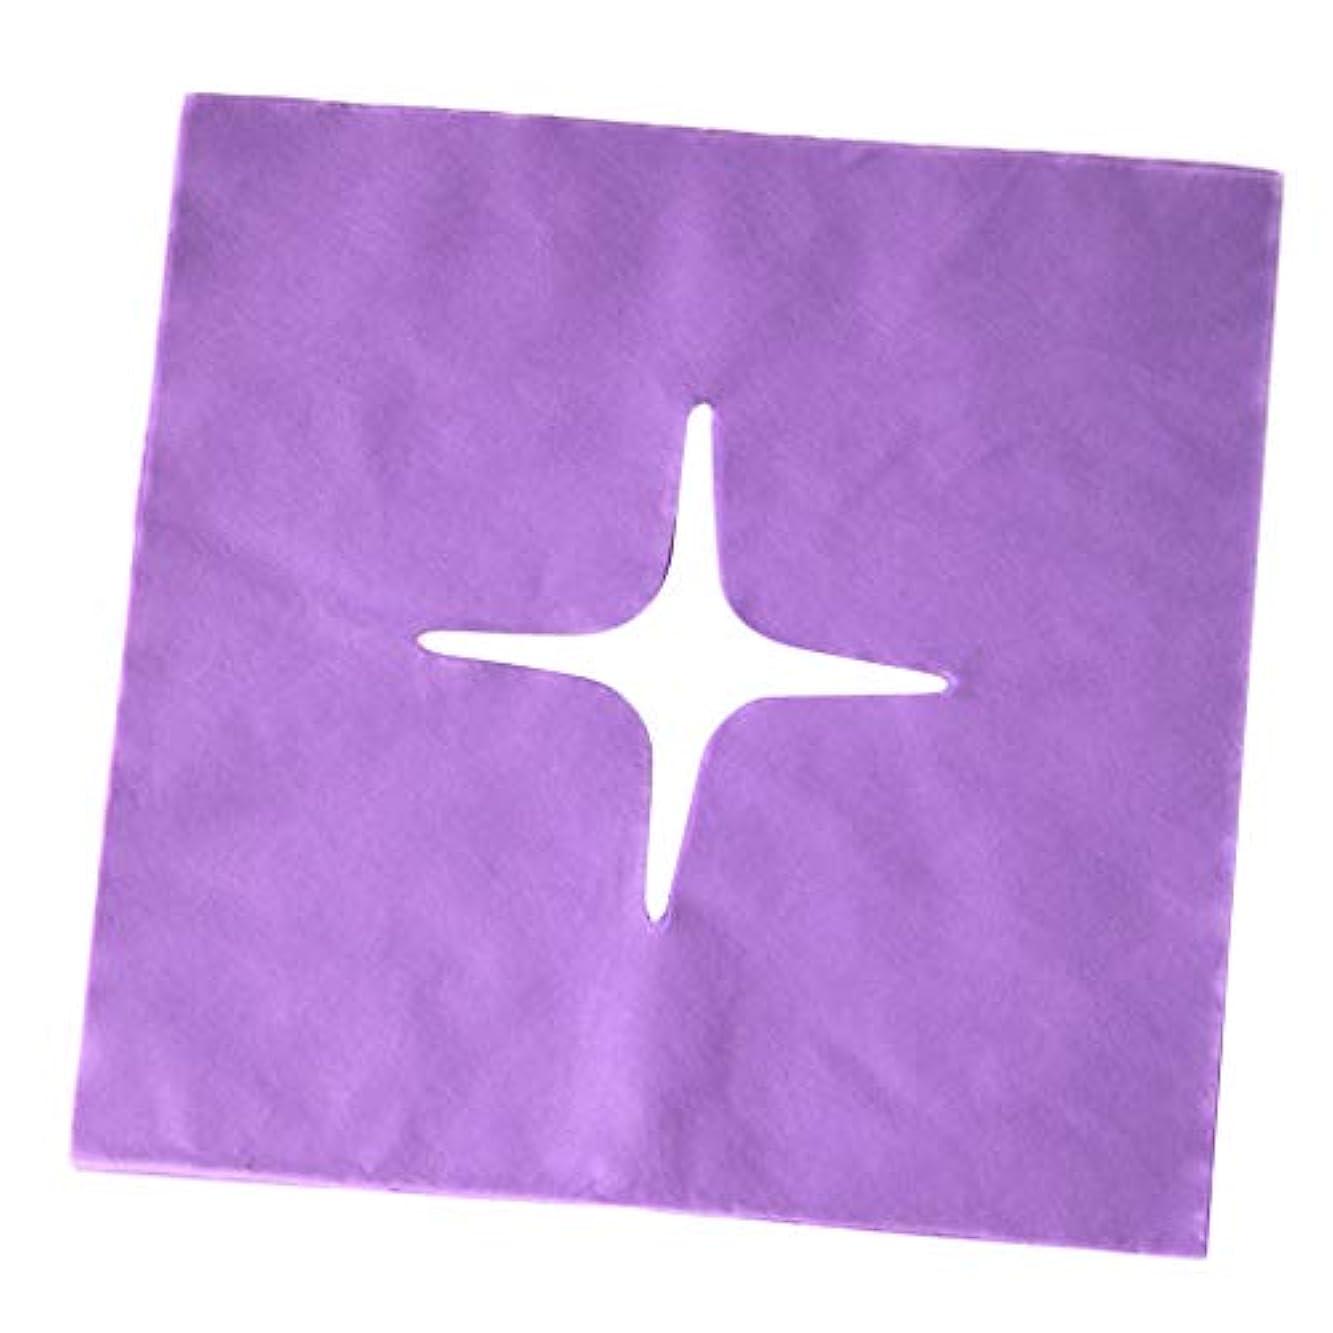 に対処する砂のカールマッサージ フェイスクレードルカバー スパ用 美容院 ビューティーサロン マッサージサロン 全3色 - 紫の